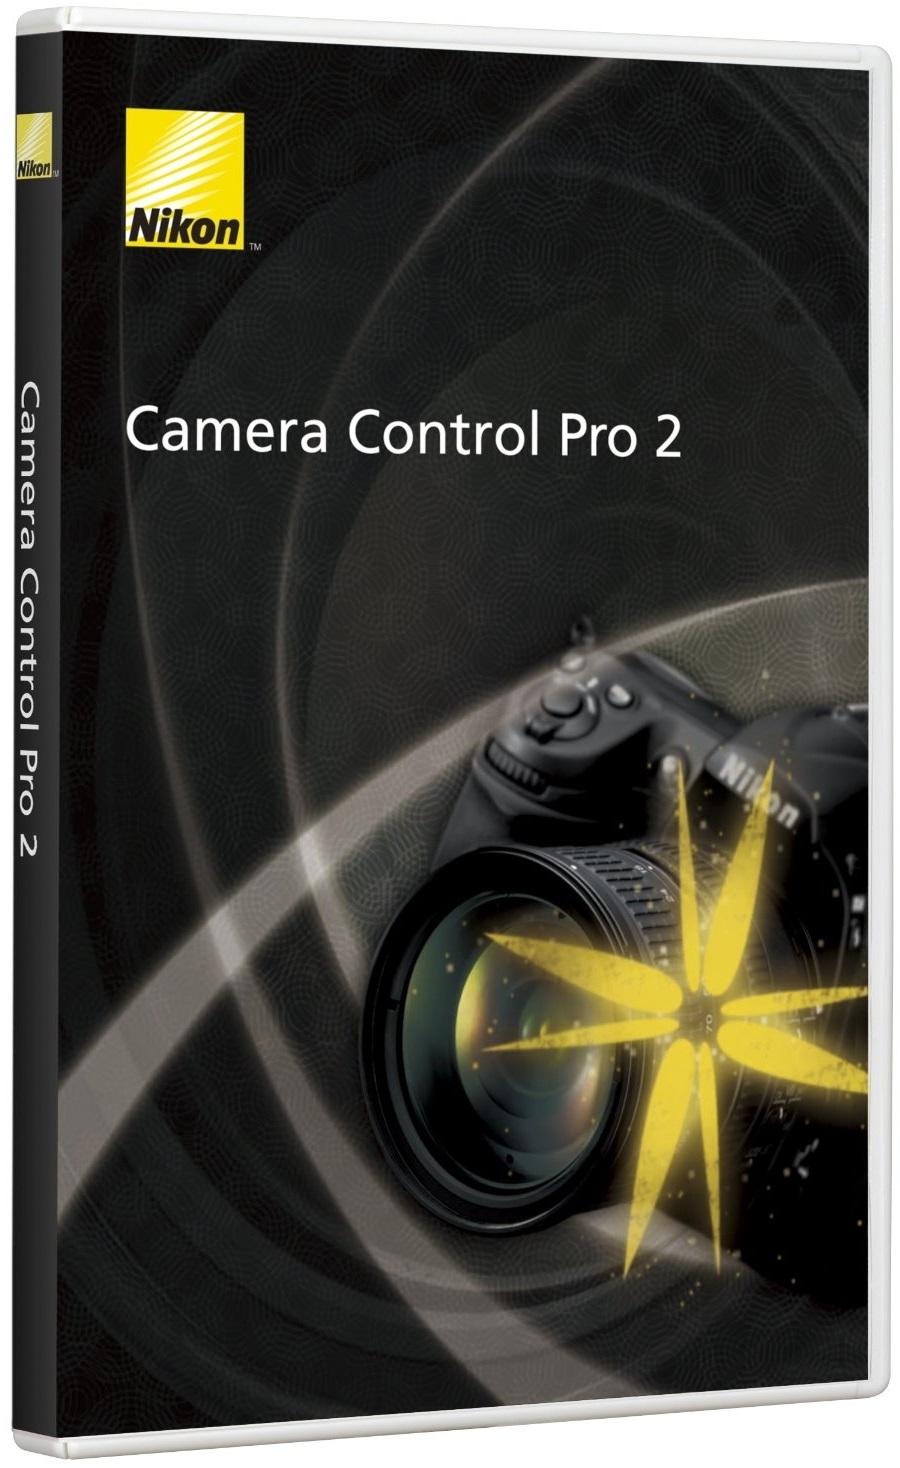 Download camera control pro 2 full crack